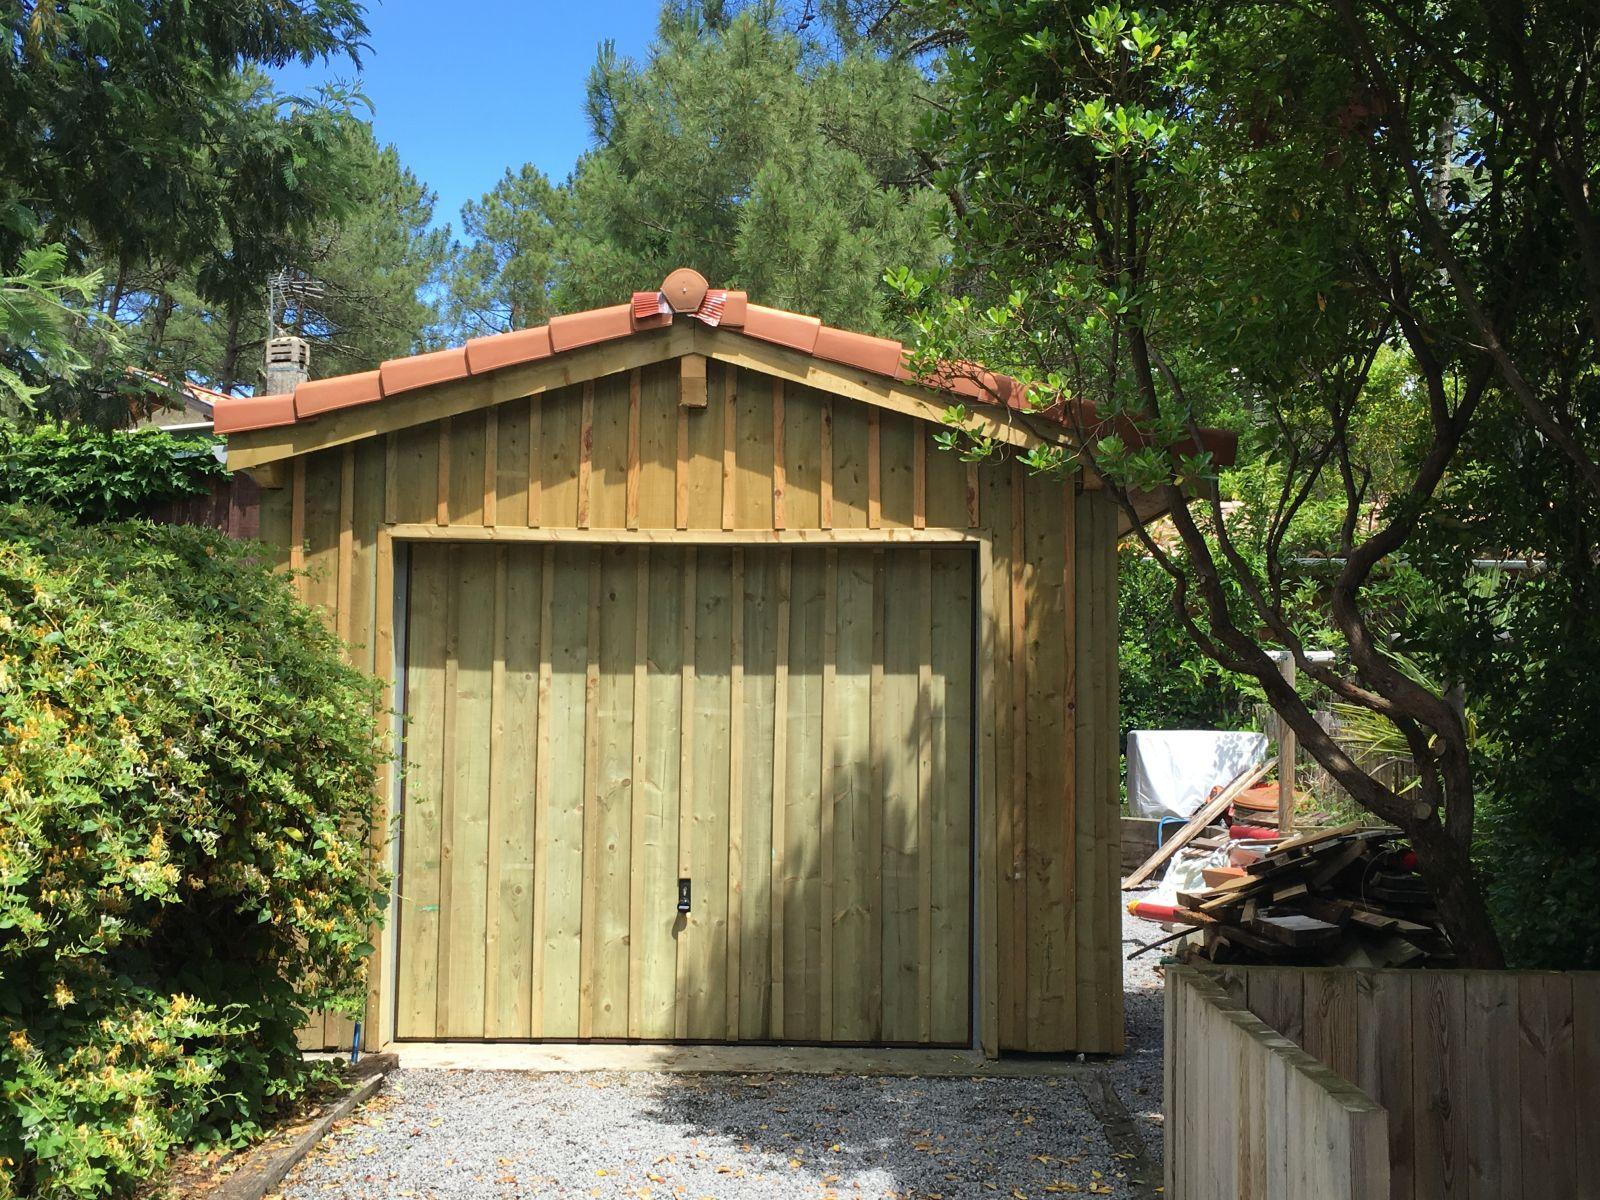 Garage en bois lege cap ferret gironde - Du bois dans ma maison ...